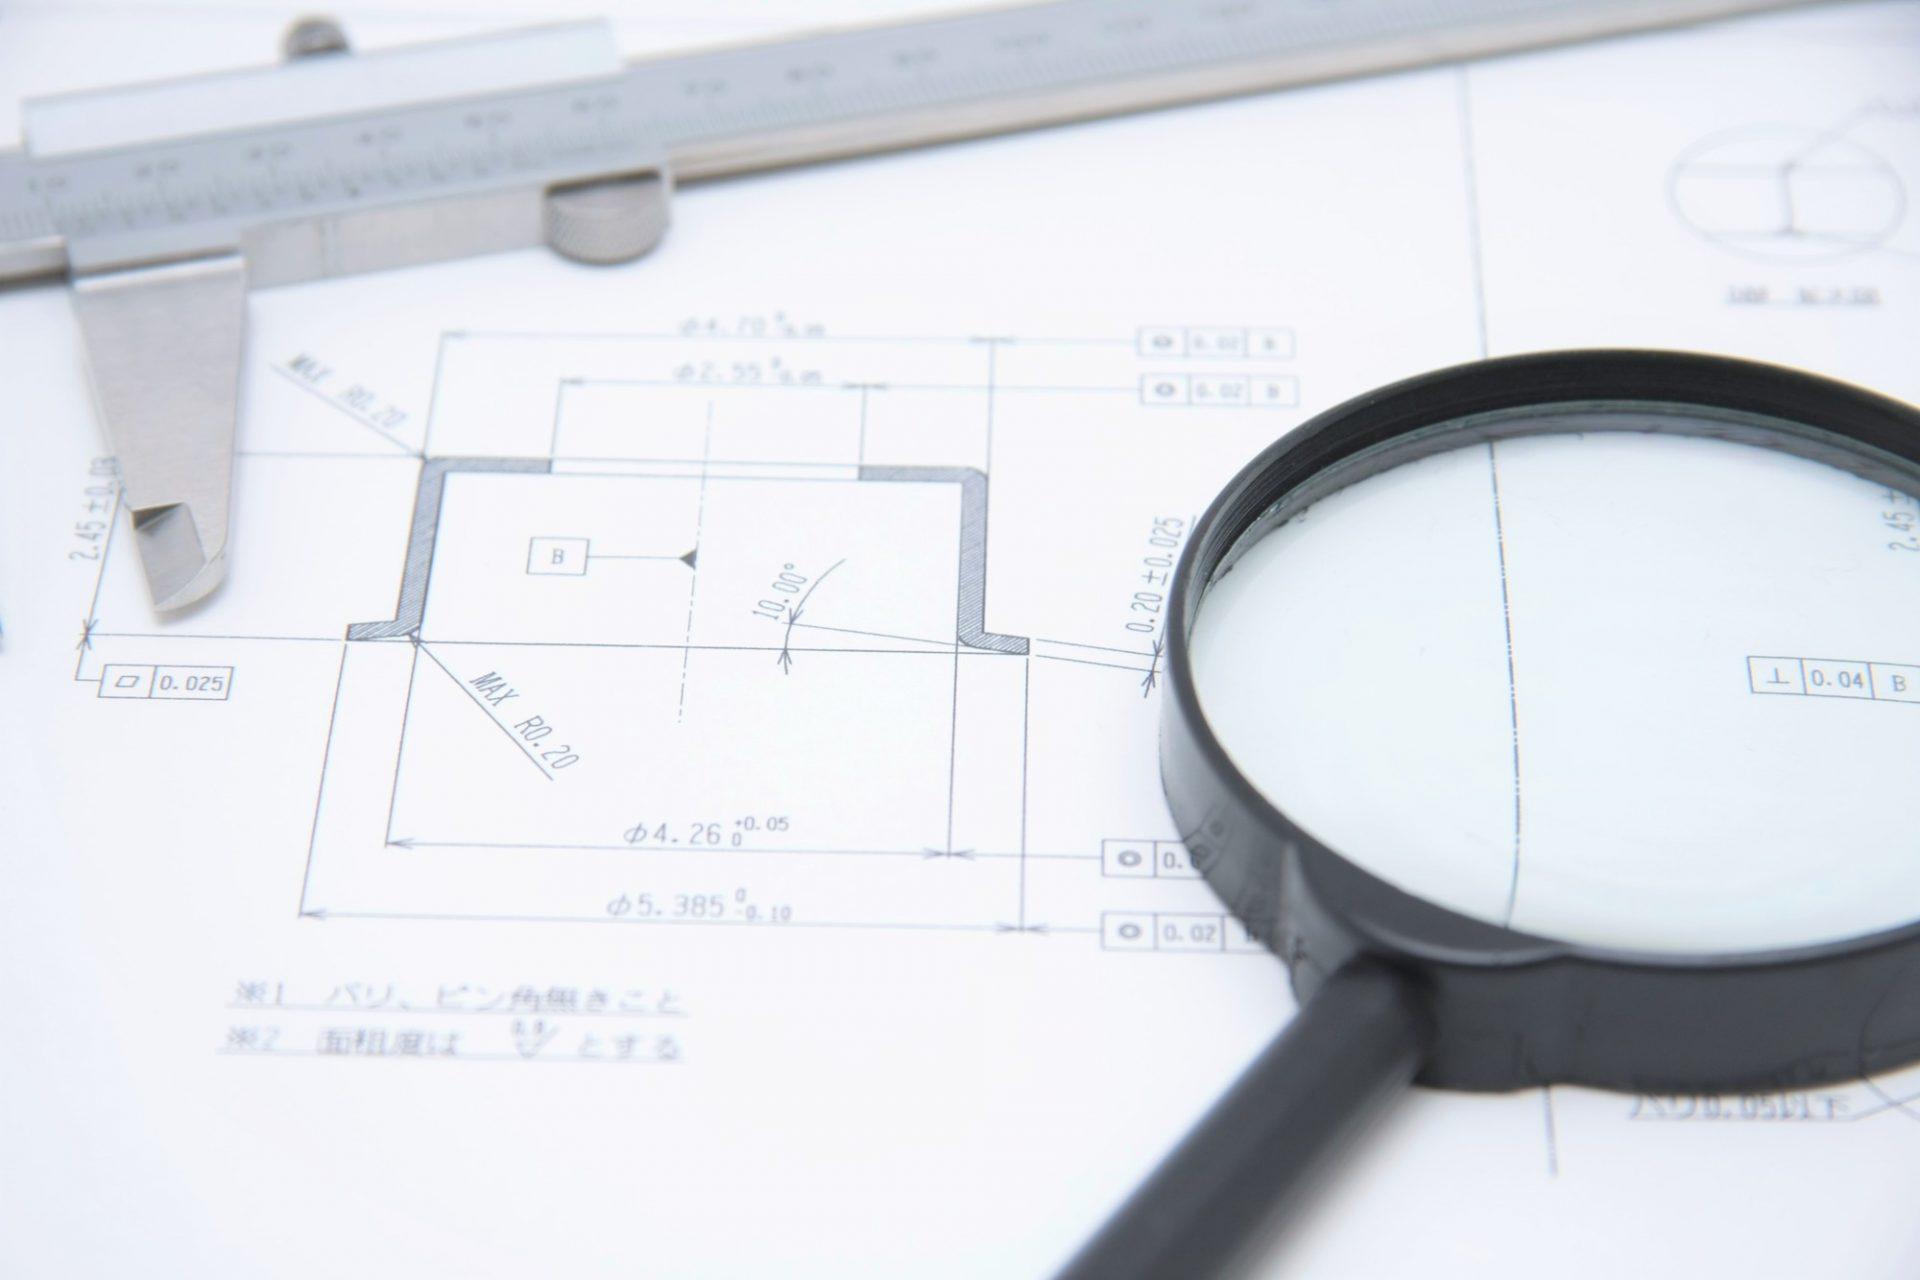 水道工事の設計書をCADを使って簡単に作成!サポートがあれば大丈夫